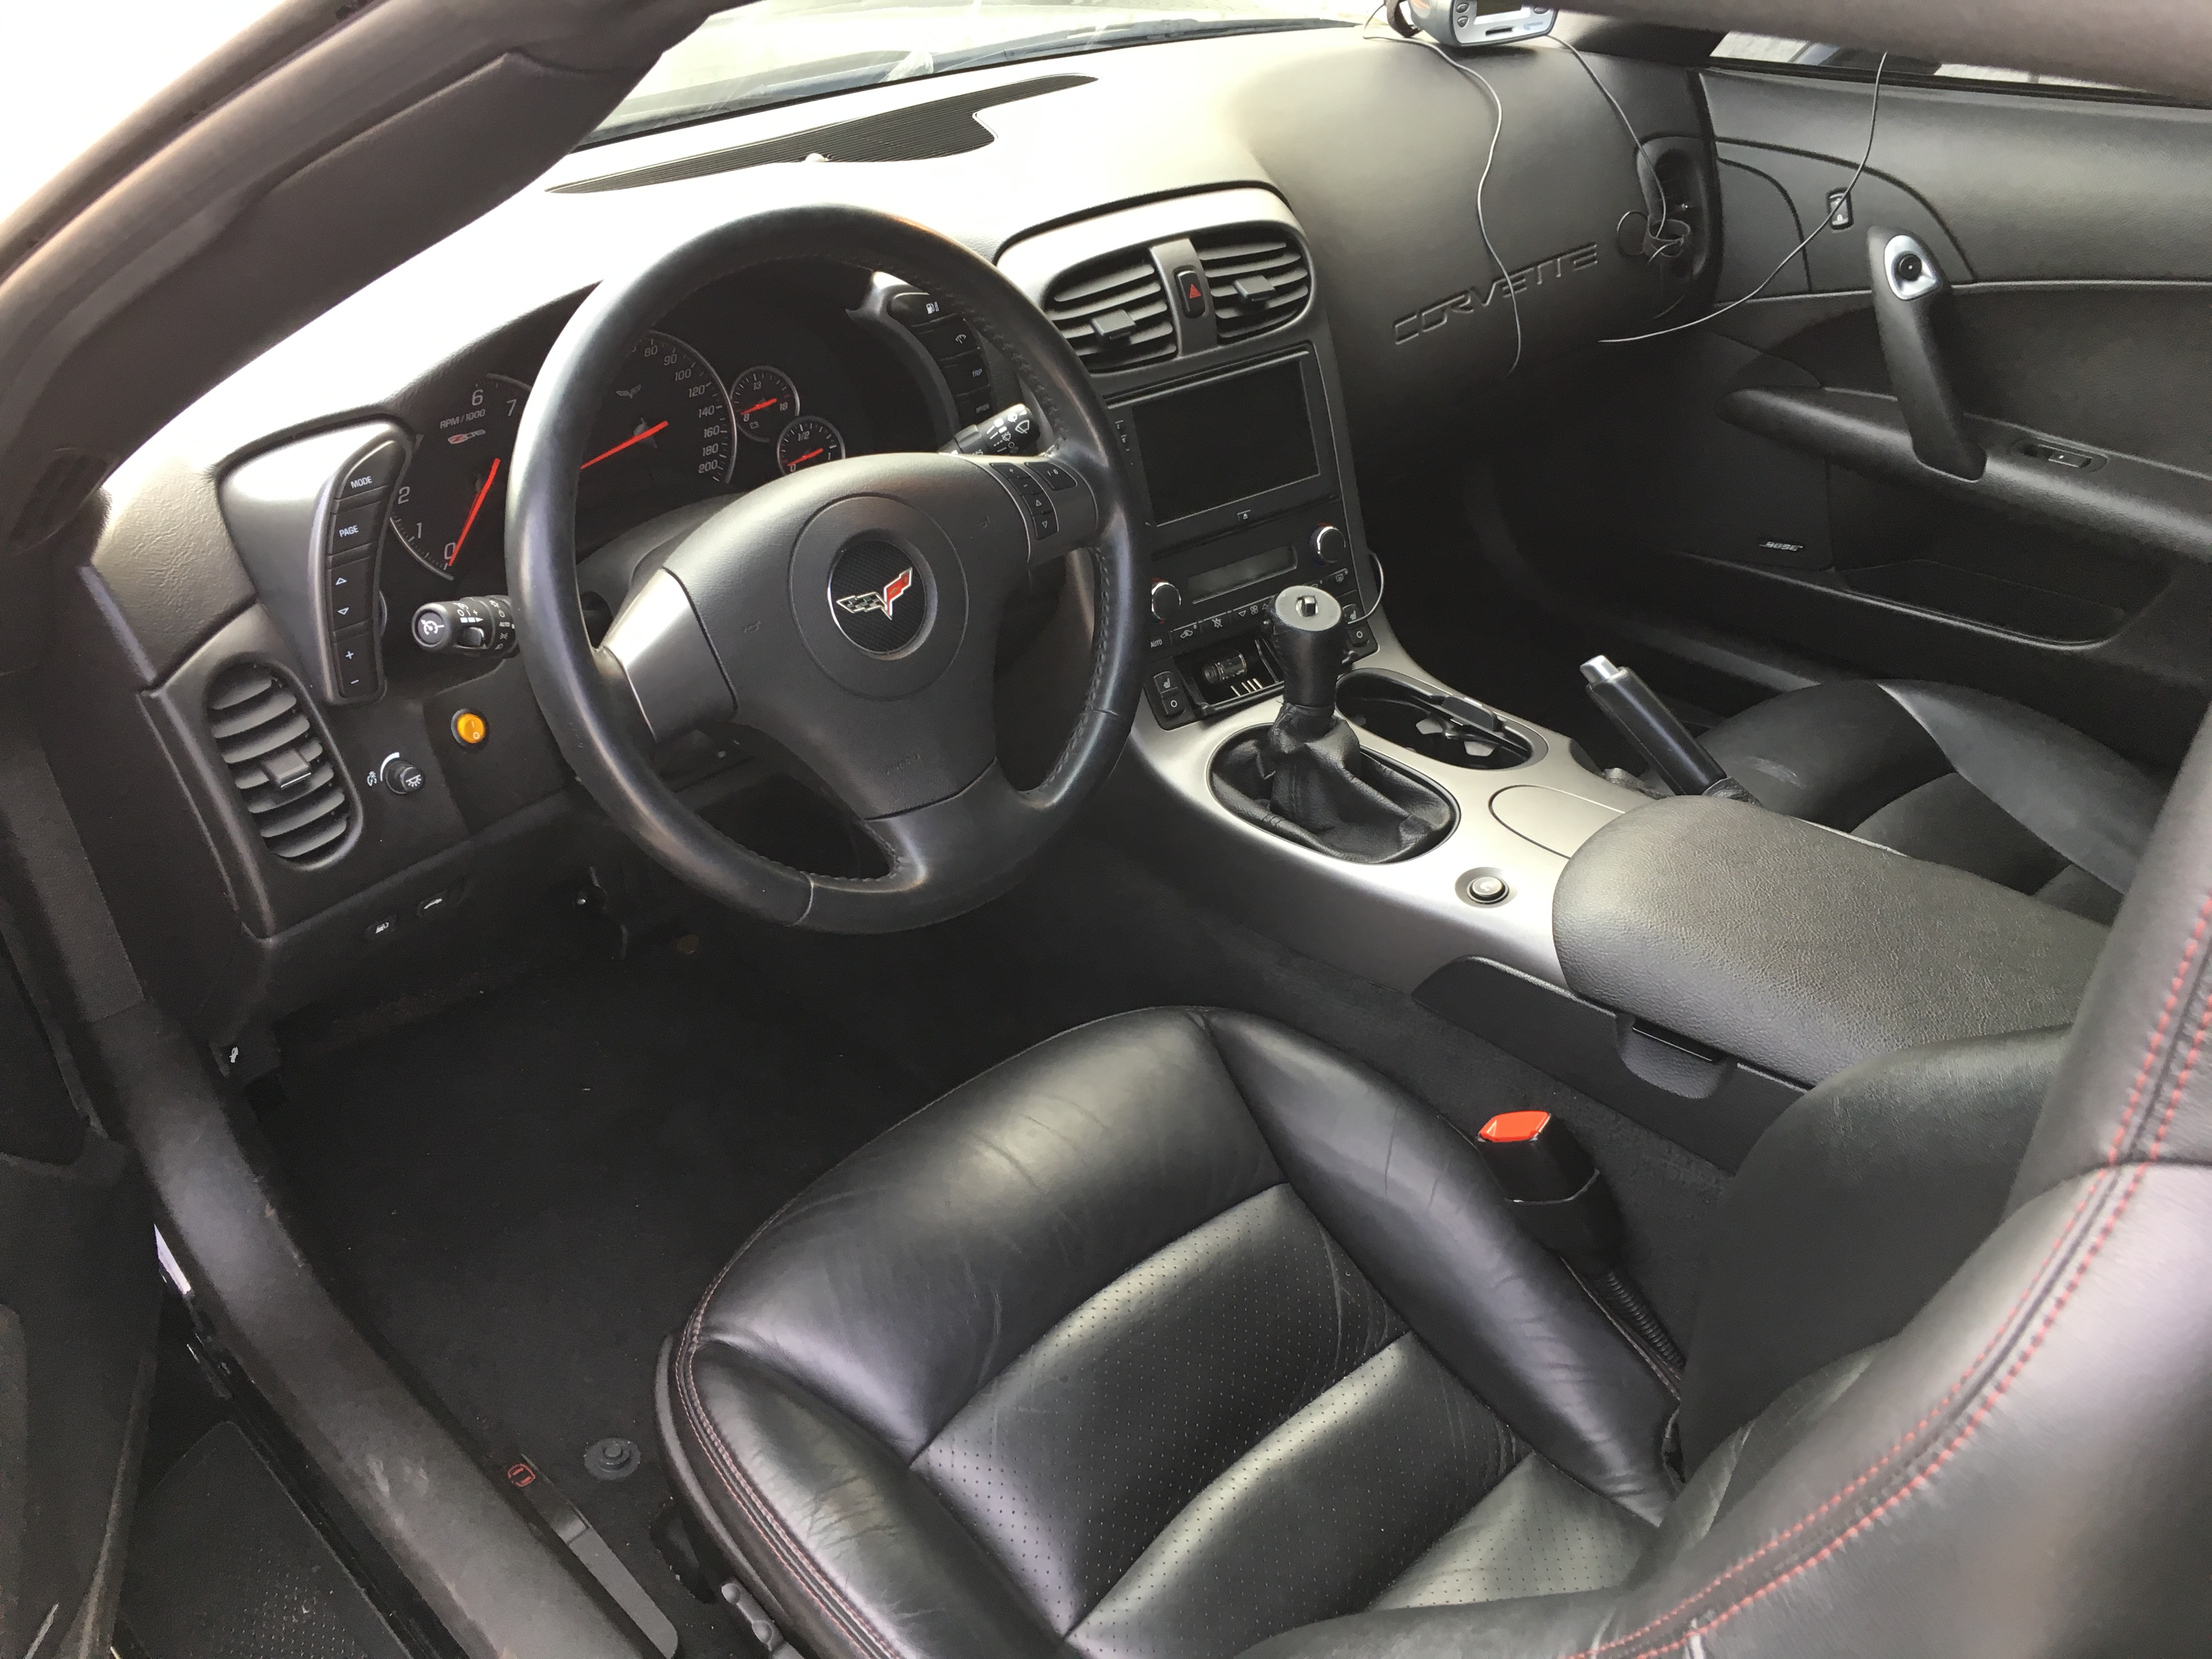 Corvette C6 Z06 Cockpit